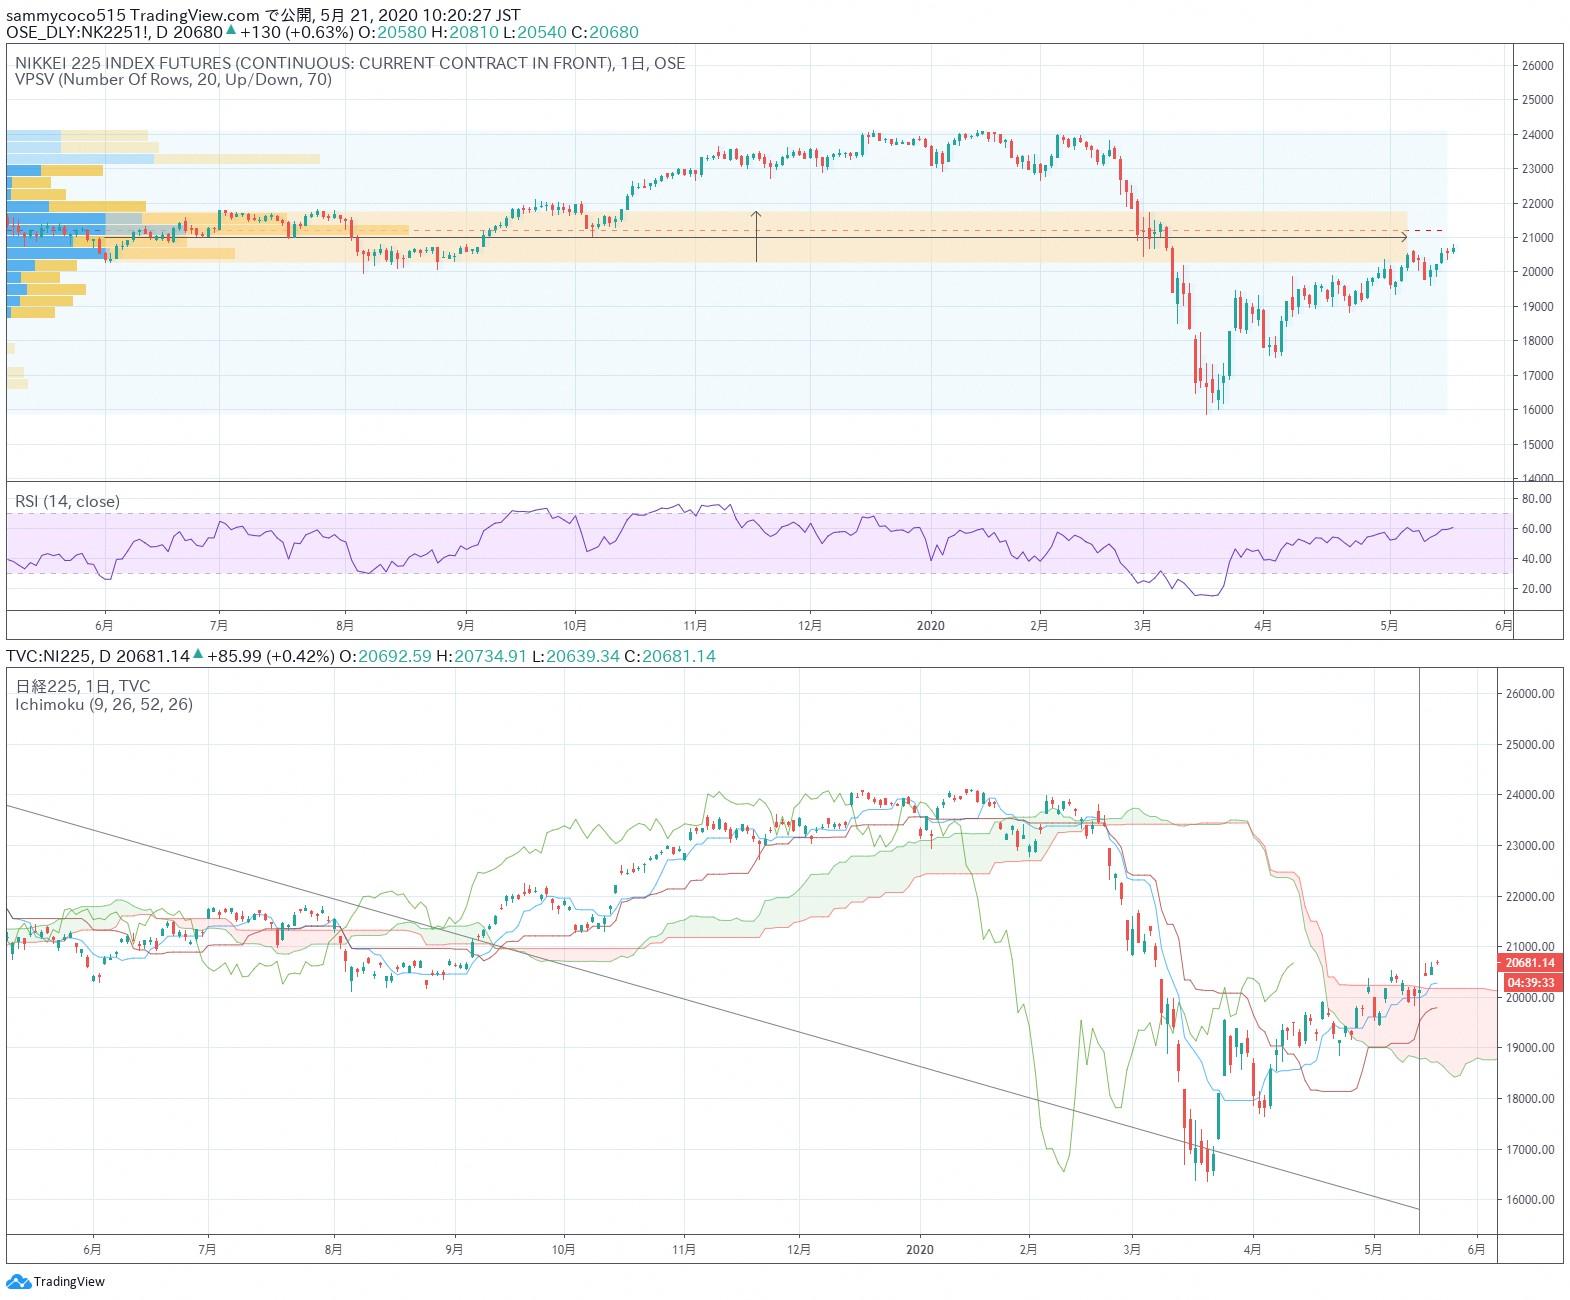 东京外汇股市日评:日经指数期货小幅走高,美元兑日元汇率横盘整理